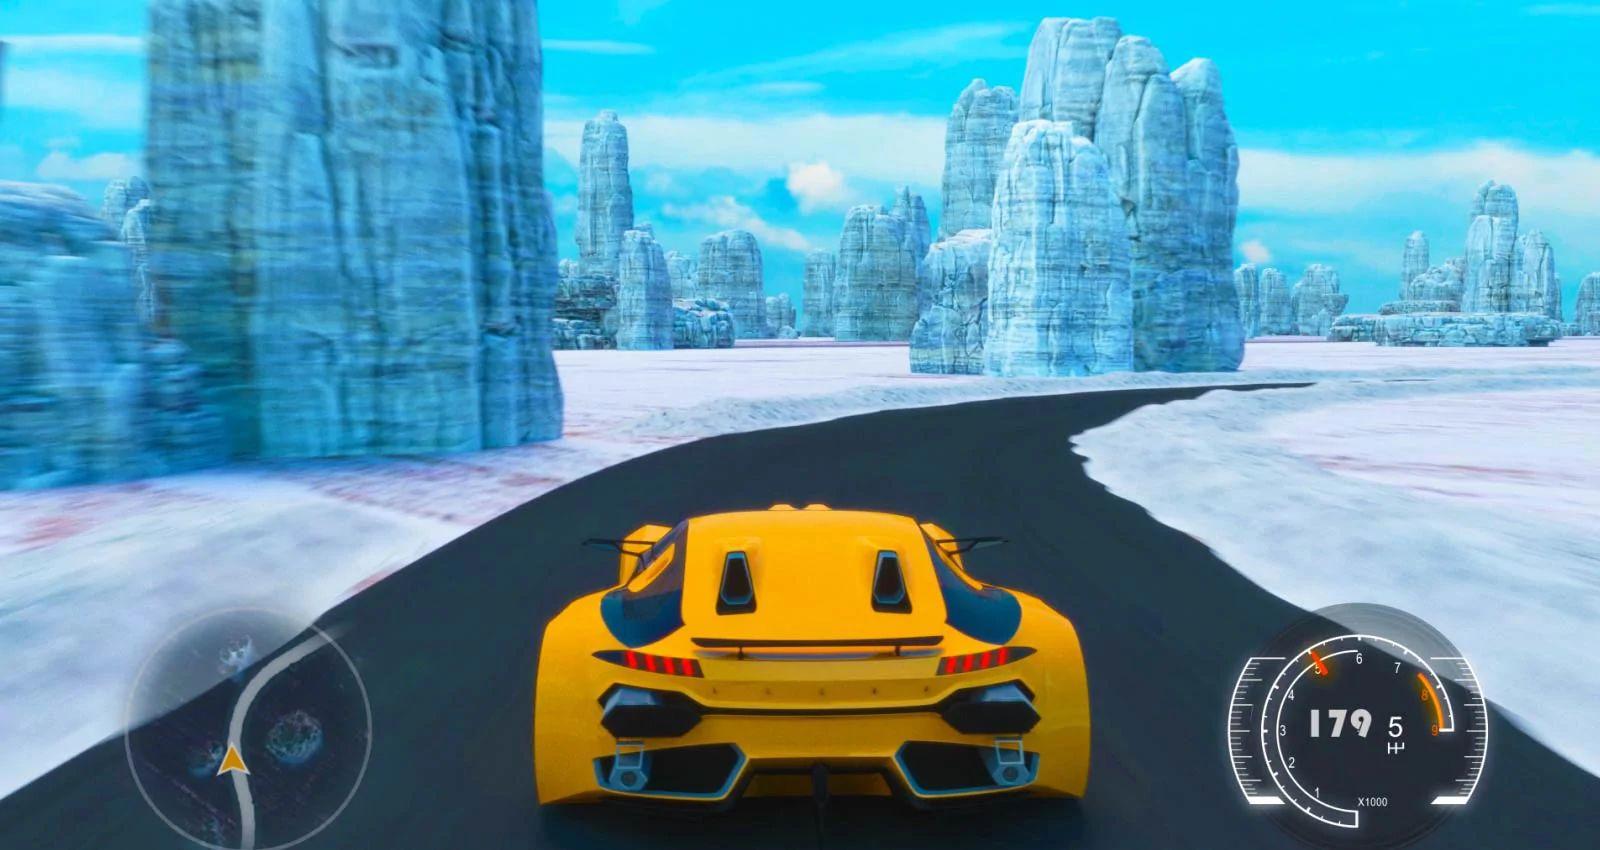 Stseen, mis näitab teleekraanil rallimängu (esita video).